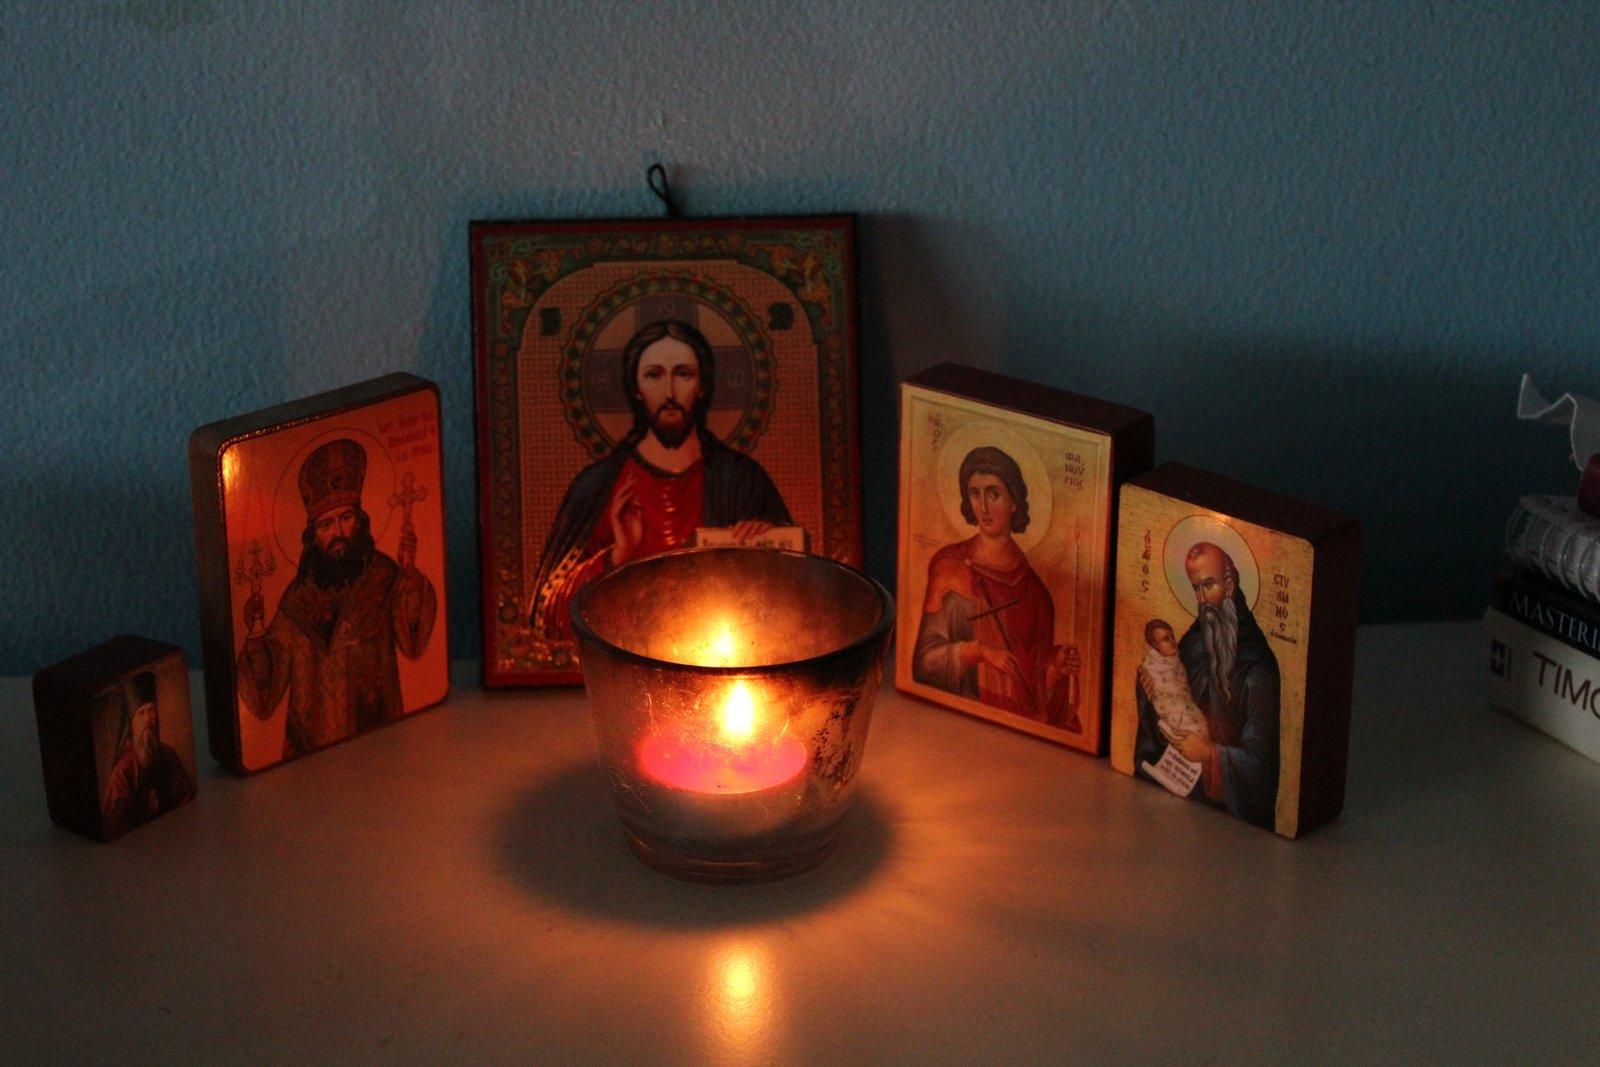 Angolo per la preghiera dans immagini sacre